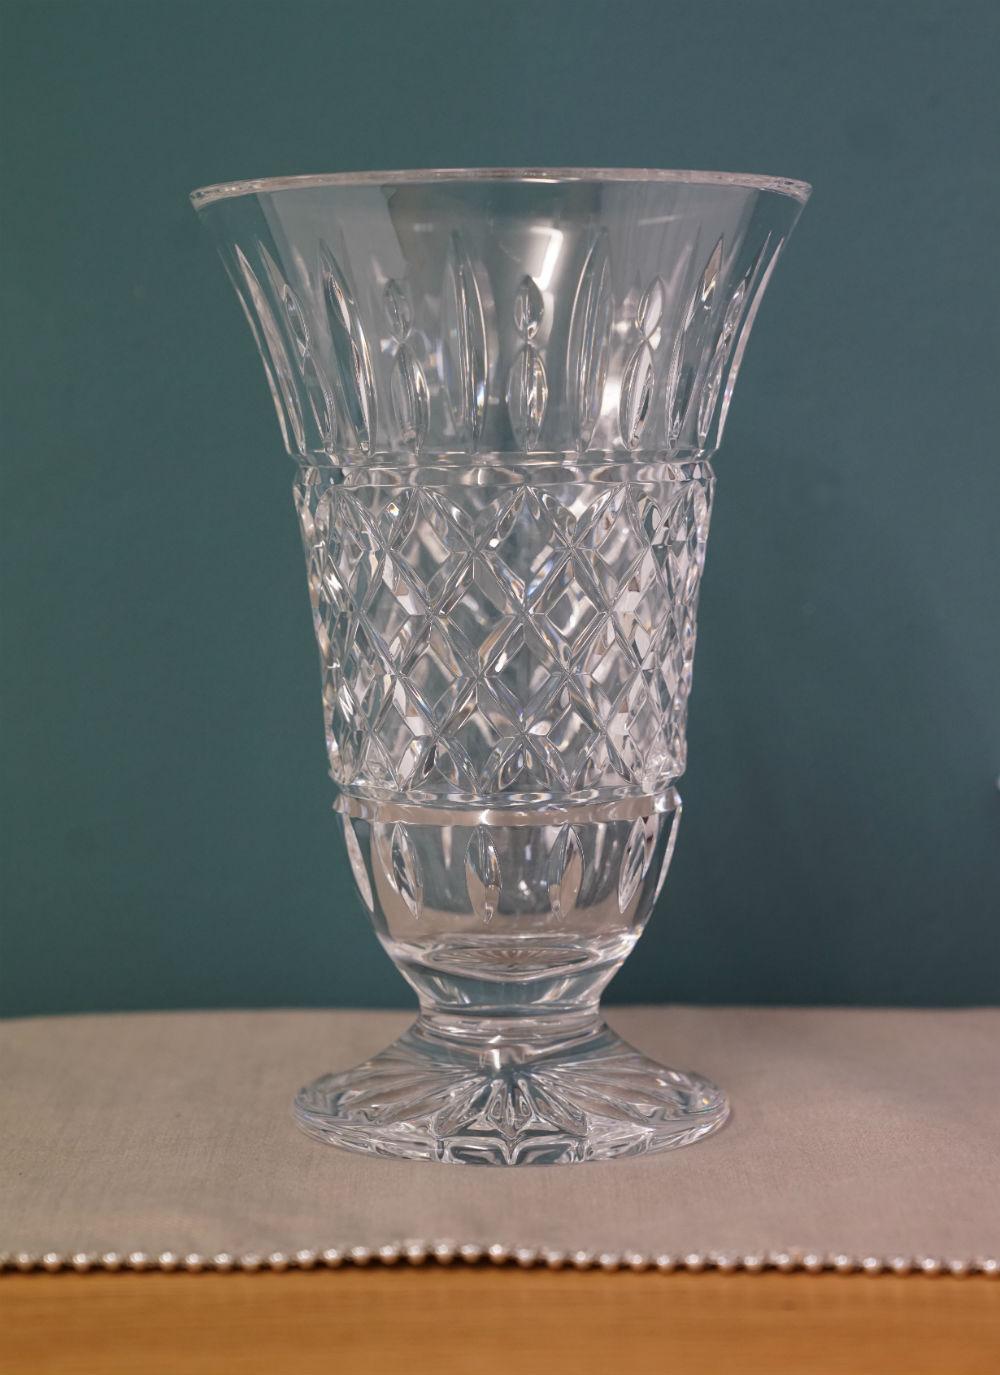 Waterford crystal dunston 10 vase blarney waterford crystal dunston 10 vase reviewsmspy